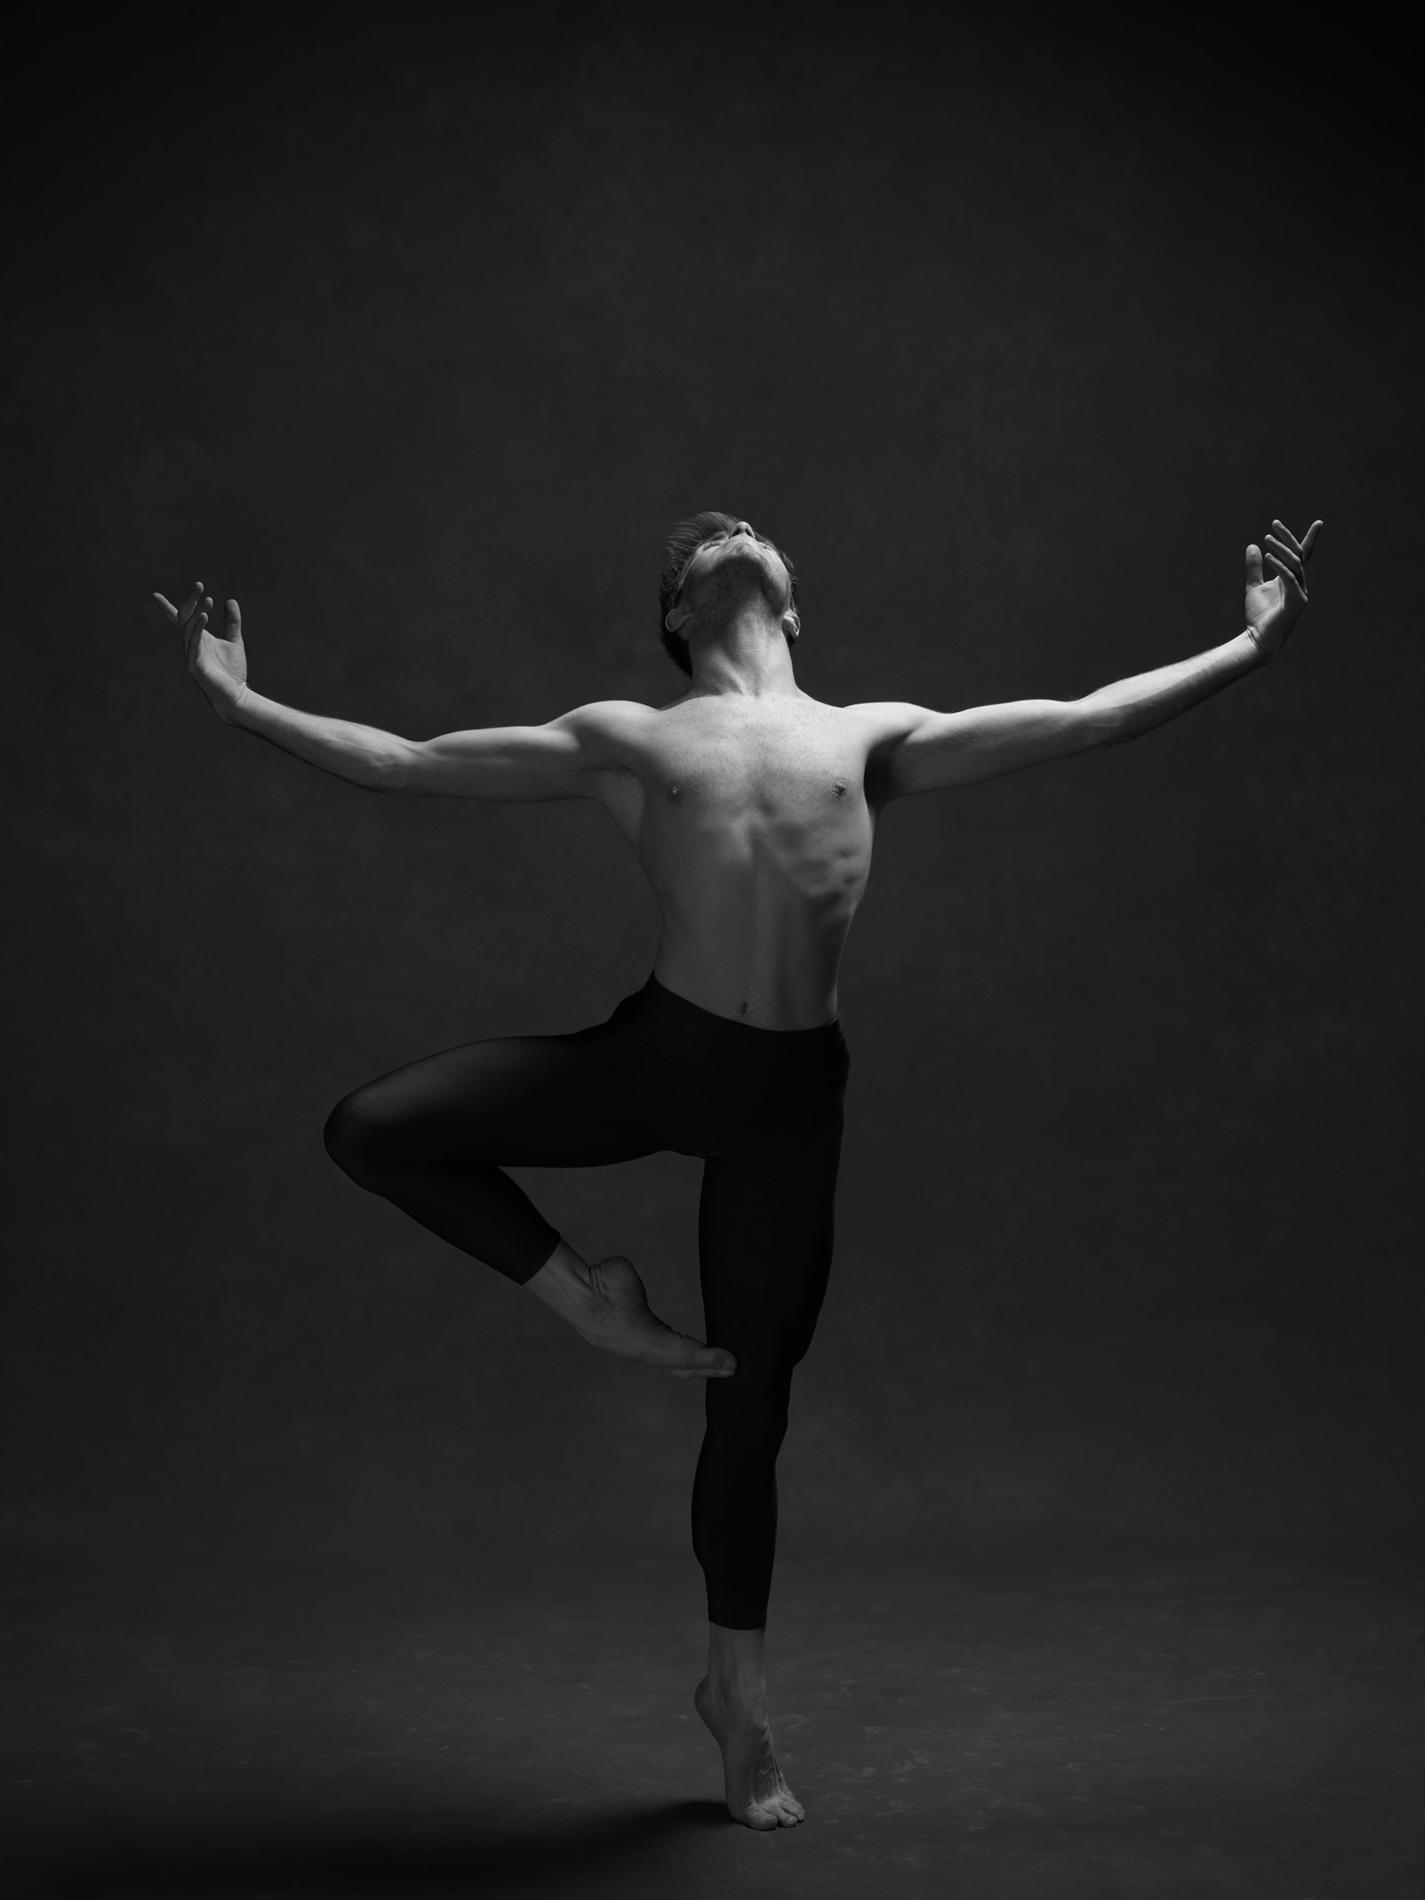 Xavier Pellin. Louiseville Ballet. 2018